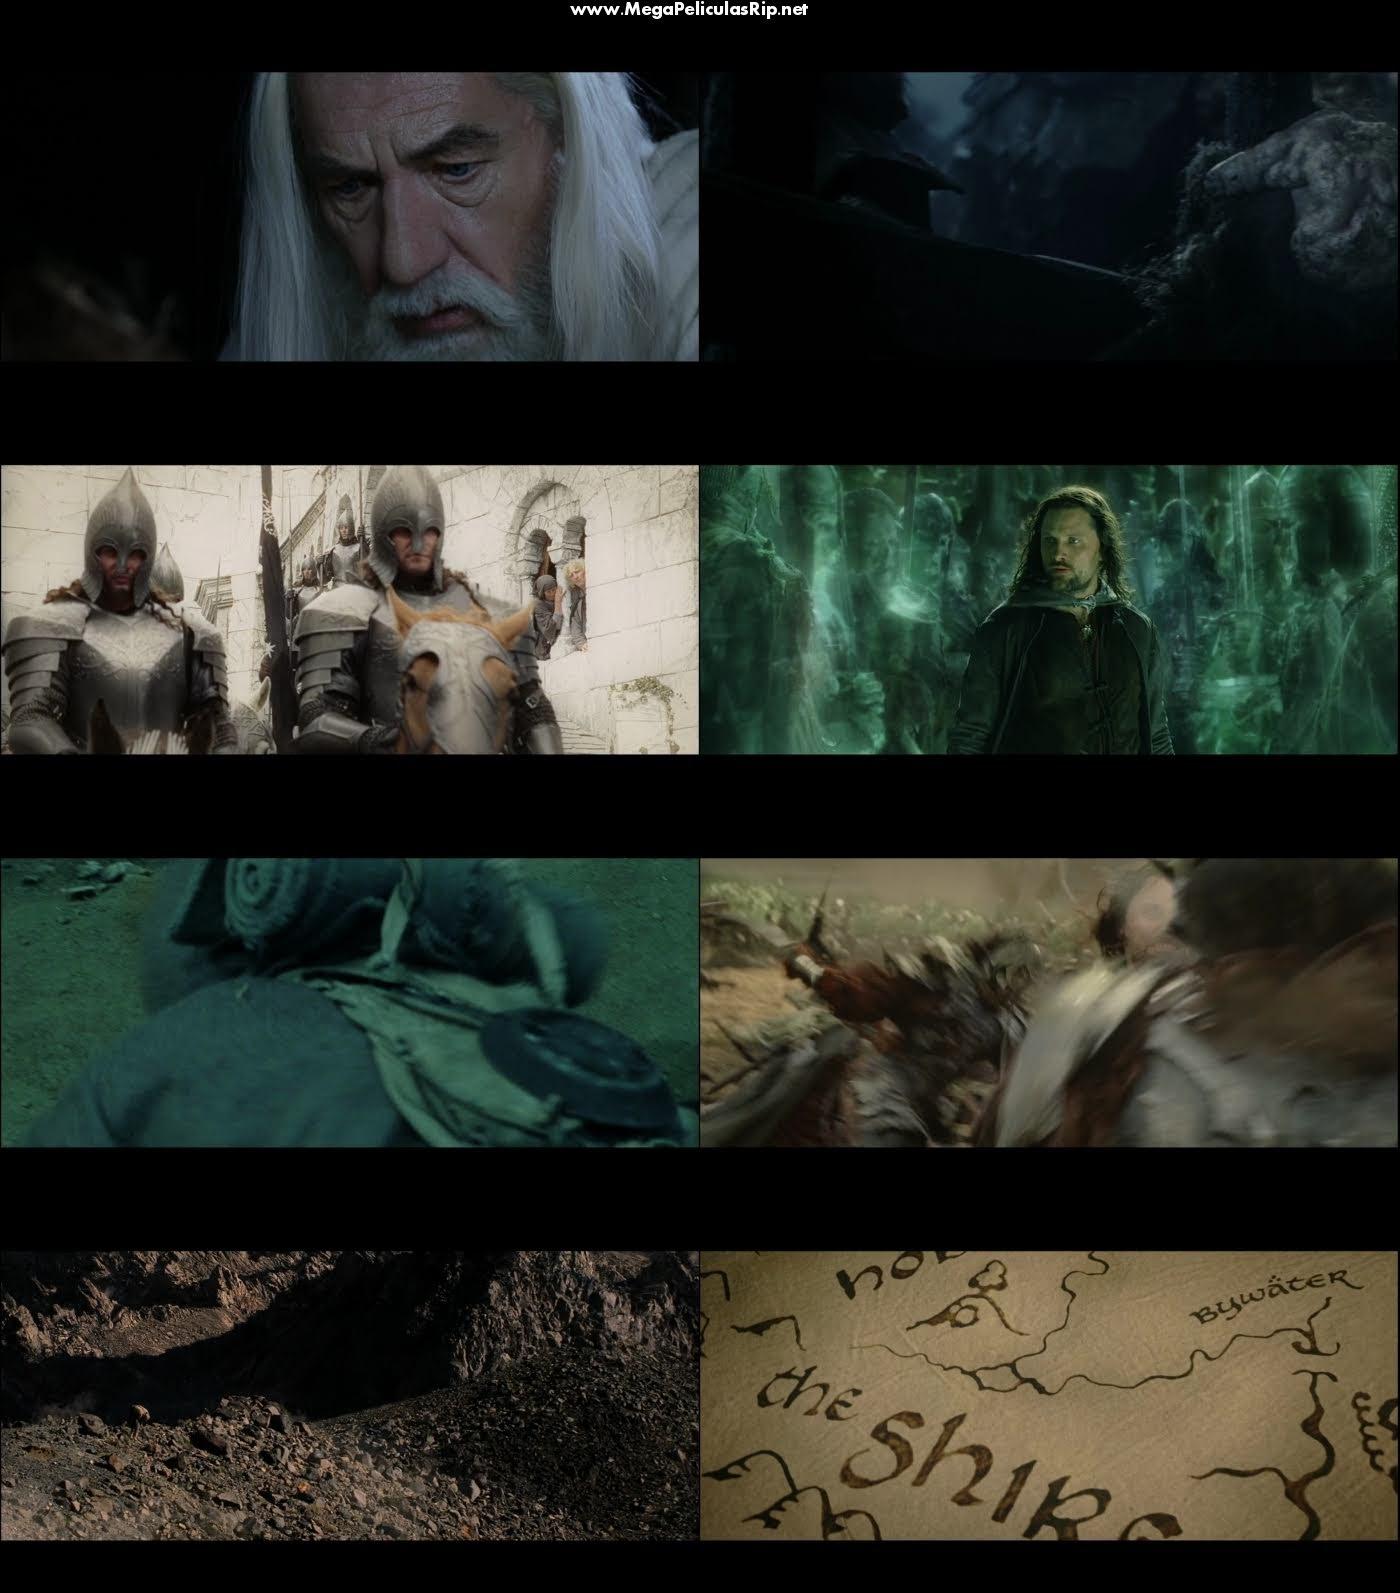 El señor de los anillos El retorno del rey 1080p Latino